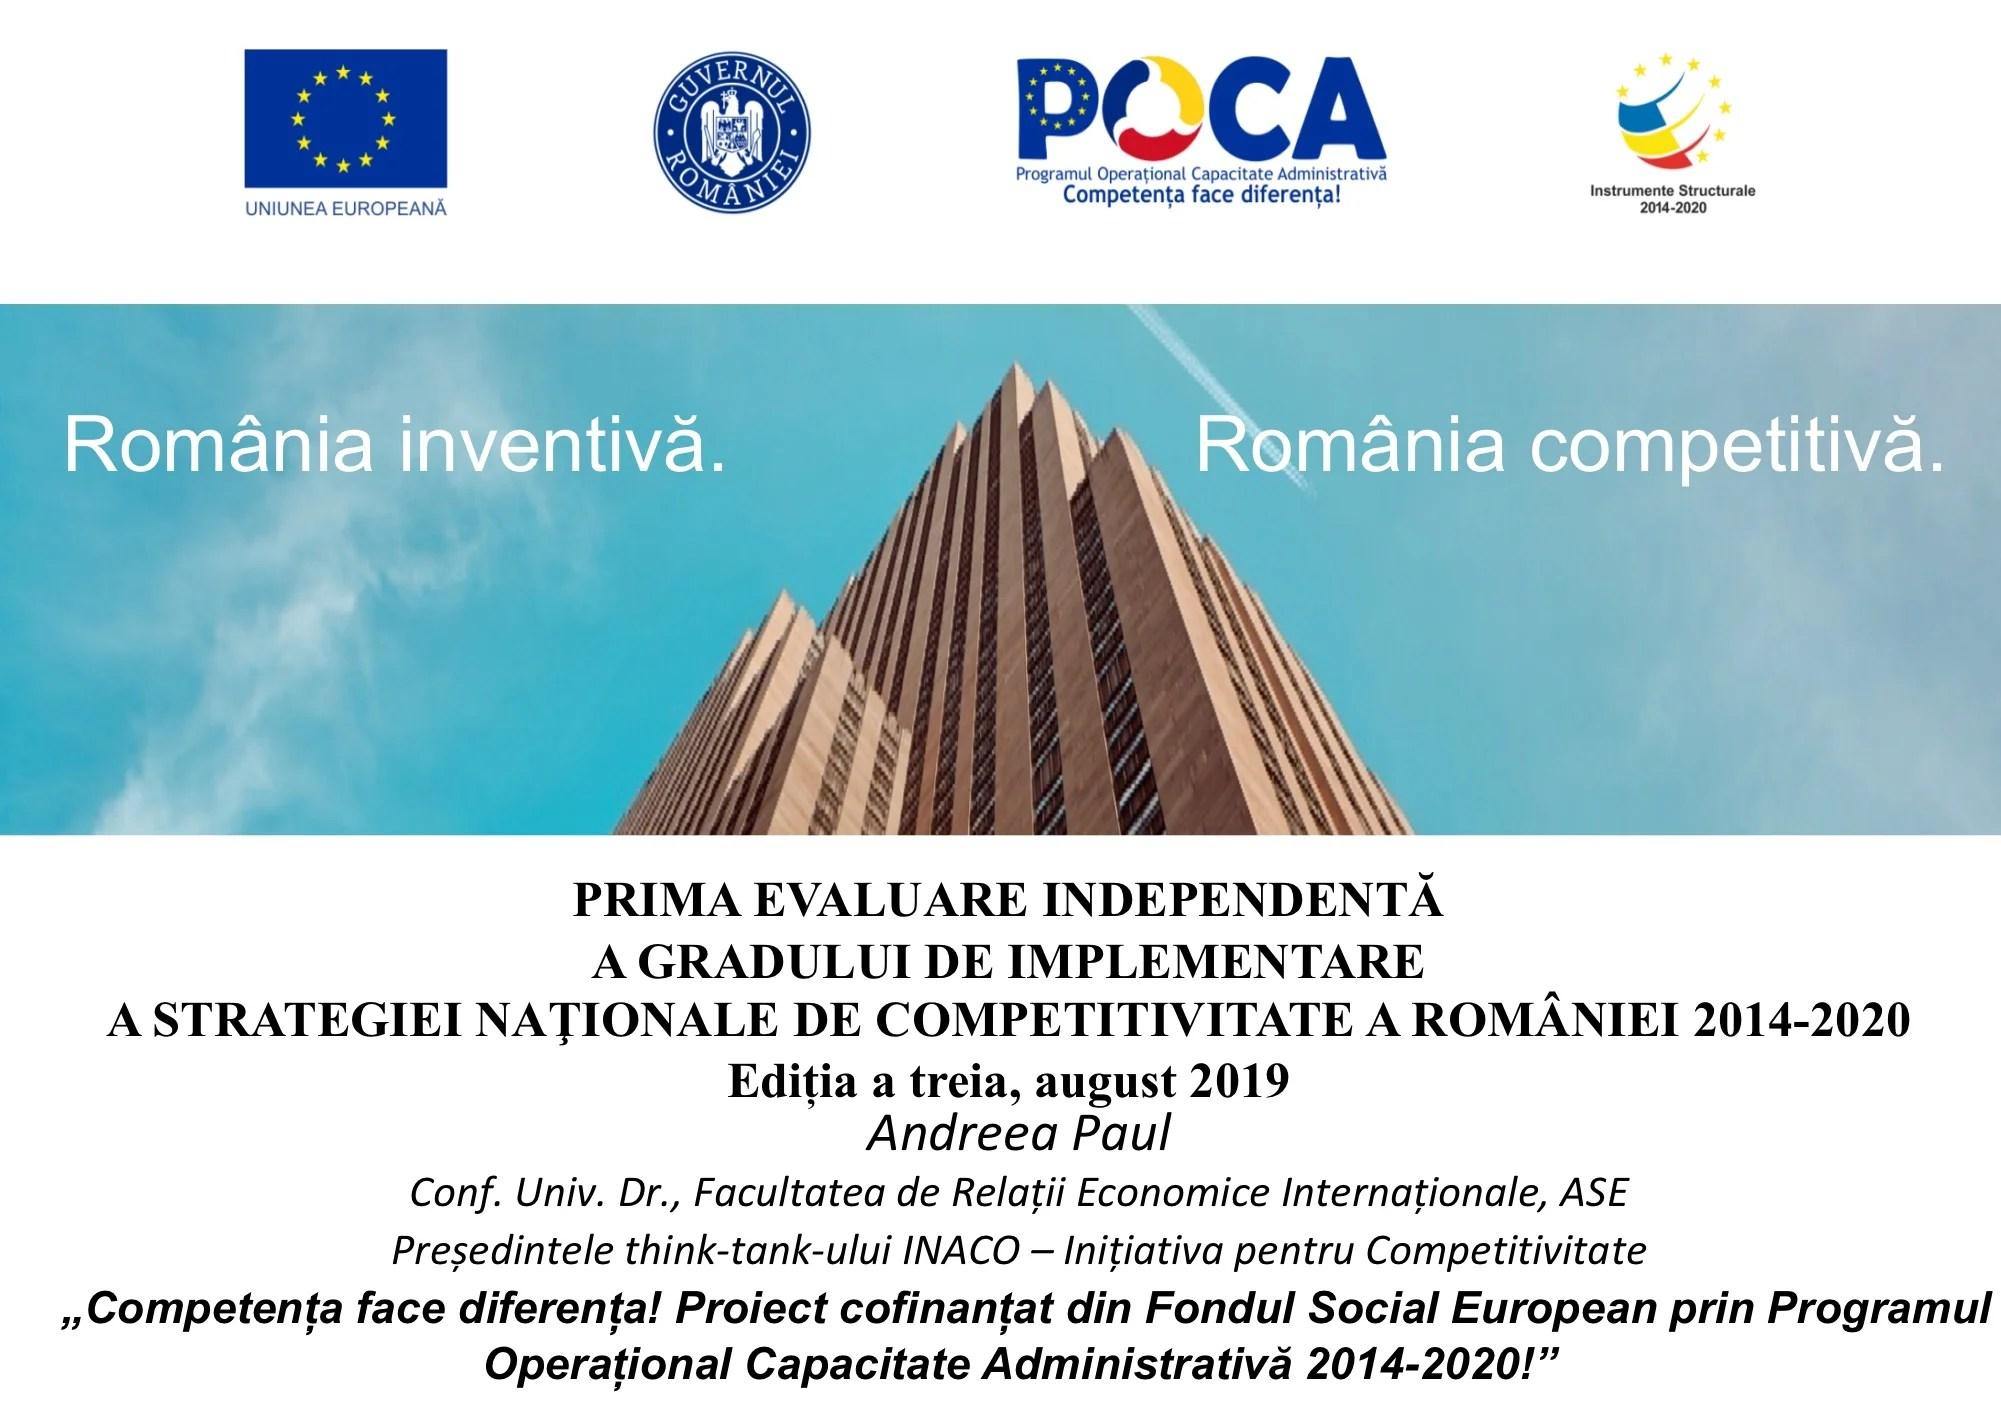 Studiu INACO: 26 din cele 27 de obiective ale Strategiei Naţionale de Competitivitate a României 2014-2020 sunt neîndeplinite în prezent